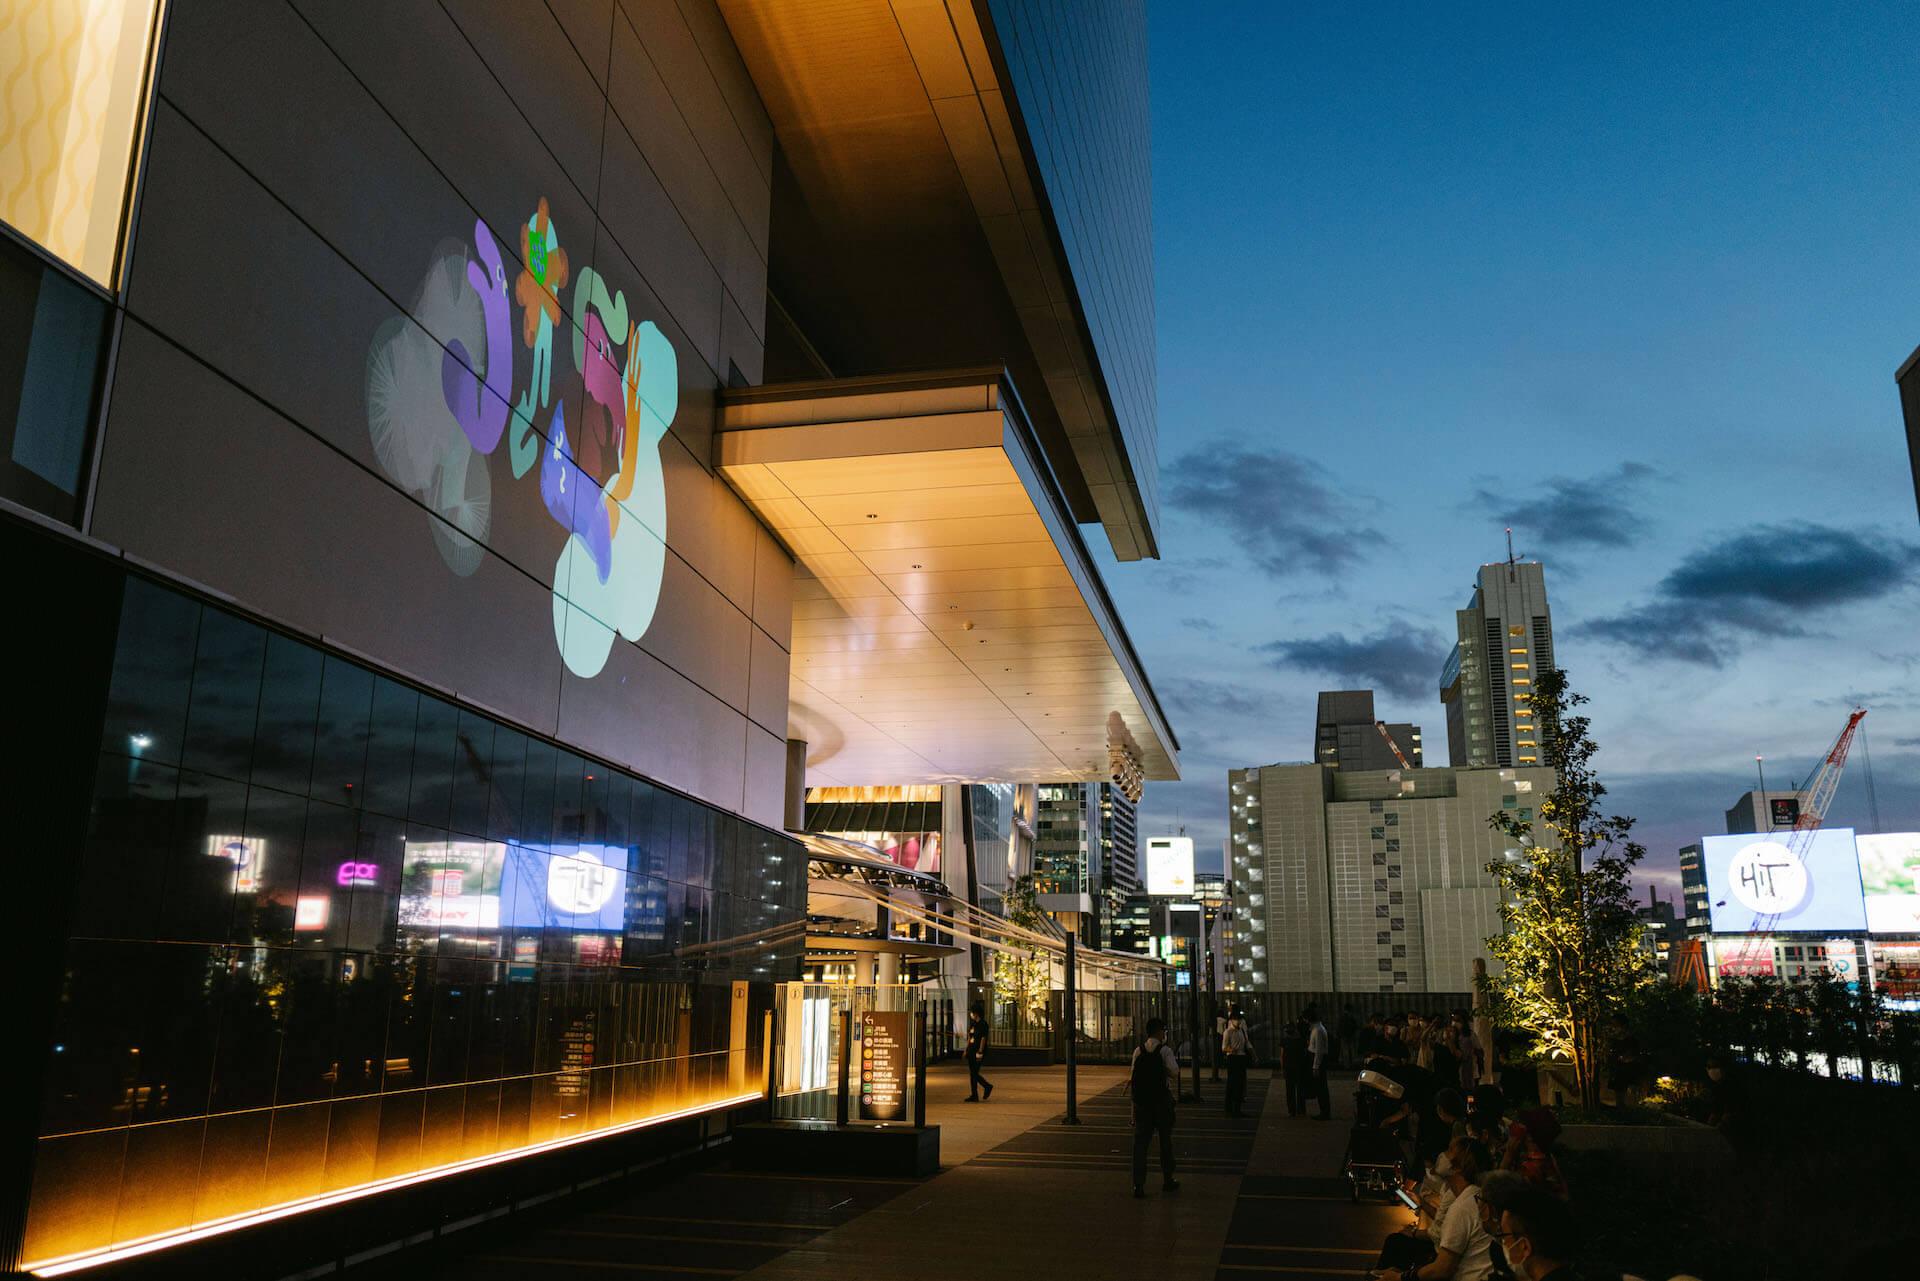 Keeenue × MAPP_ × ヒカリエデッキ|渋谷の夕景を彩るライブパフォーマンス column210802_mapp_your_world-08